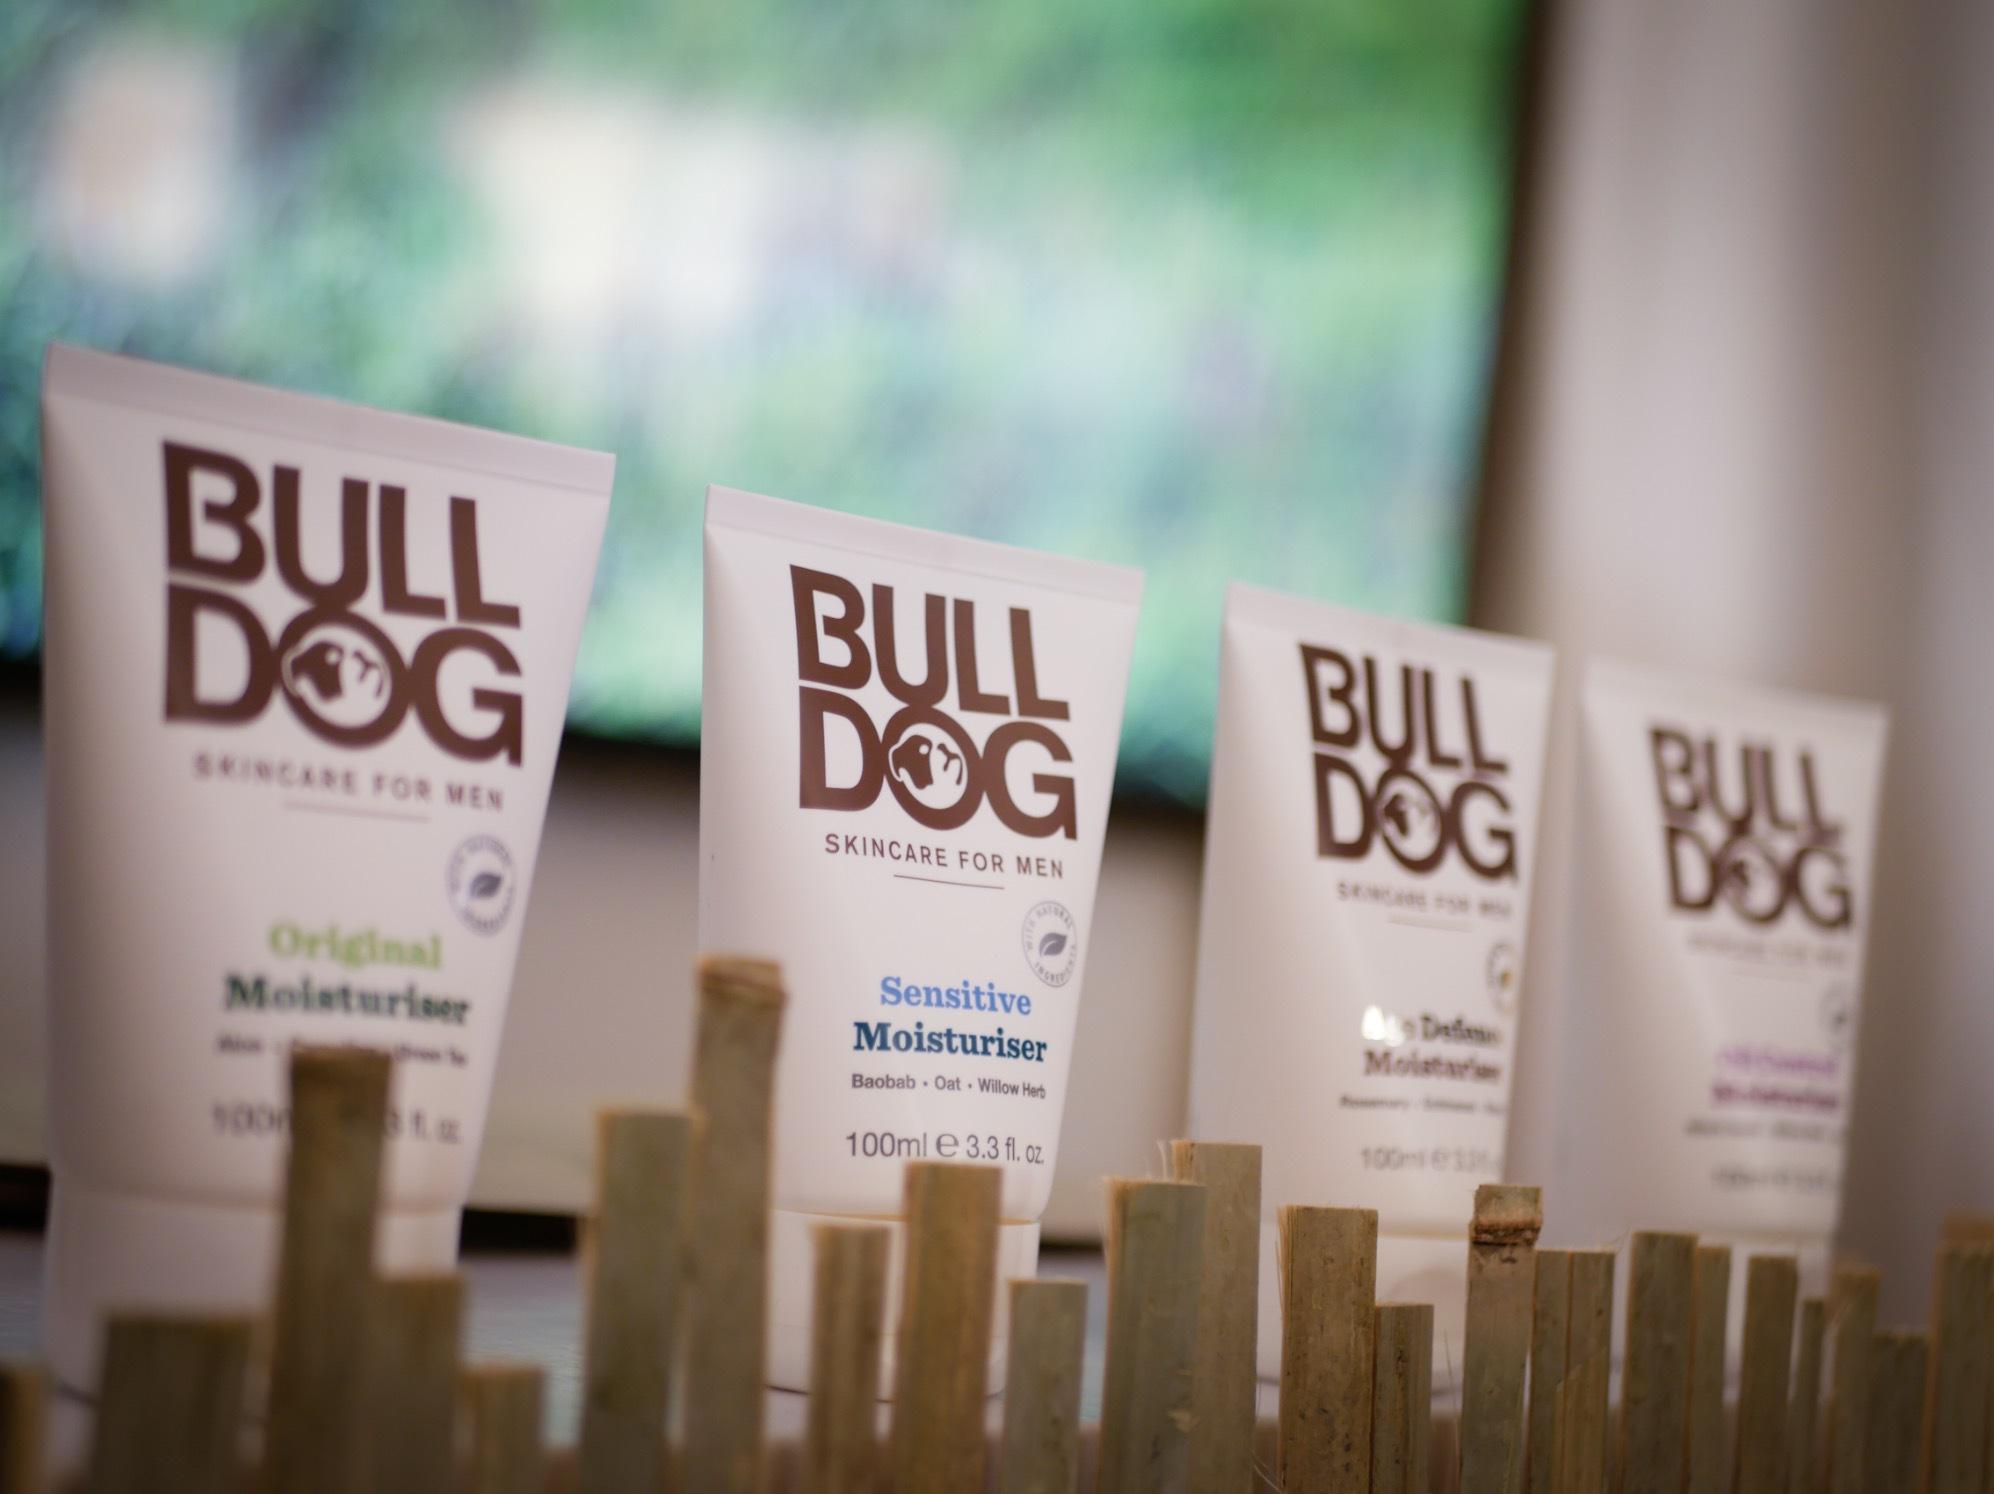 Brittiska Bulldog ser över sin förpackningsstrategi och gör sina tuber av sockerrör istället för plast. Fler lär följa efter!